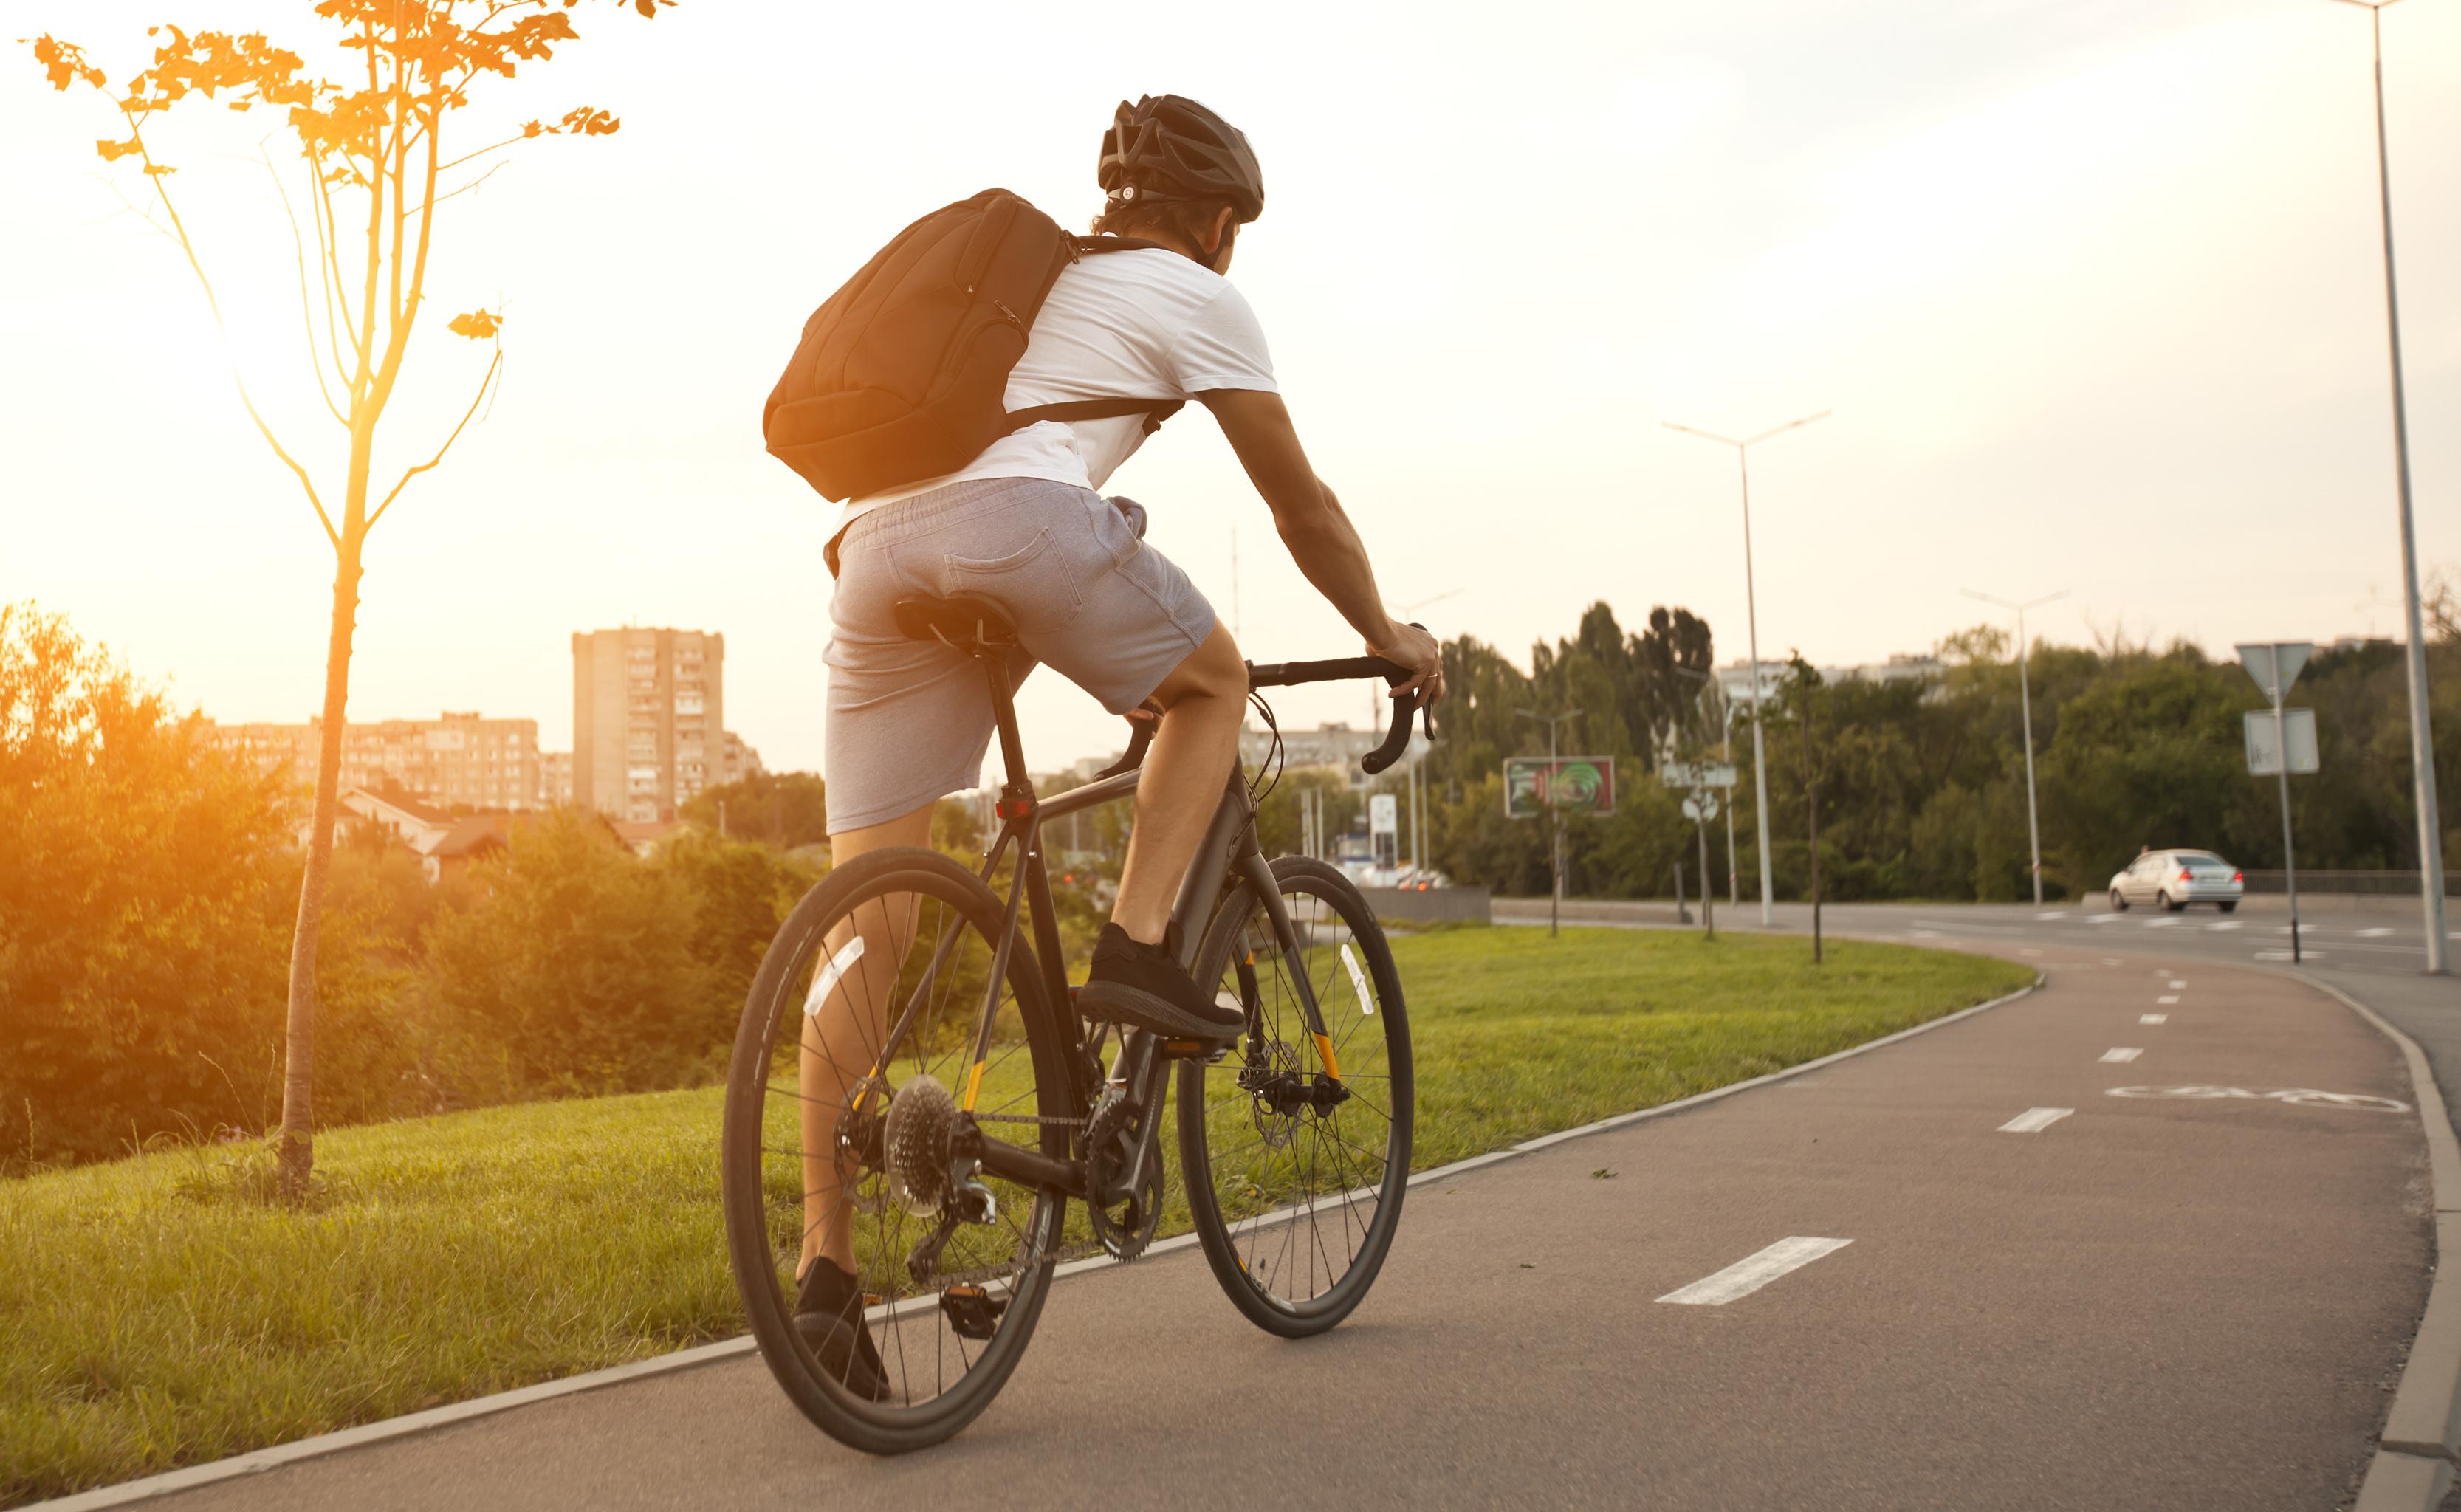 Un chico con ropa casual está yendo en bicicleta por la noche.